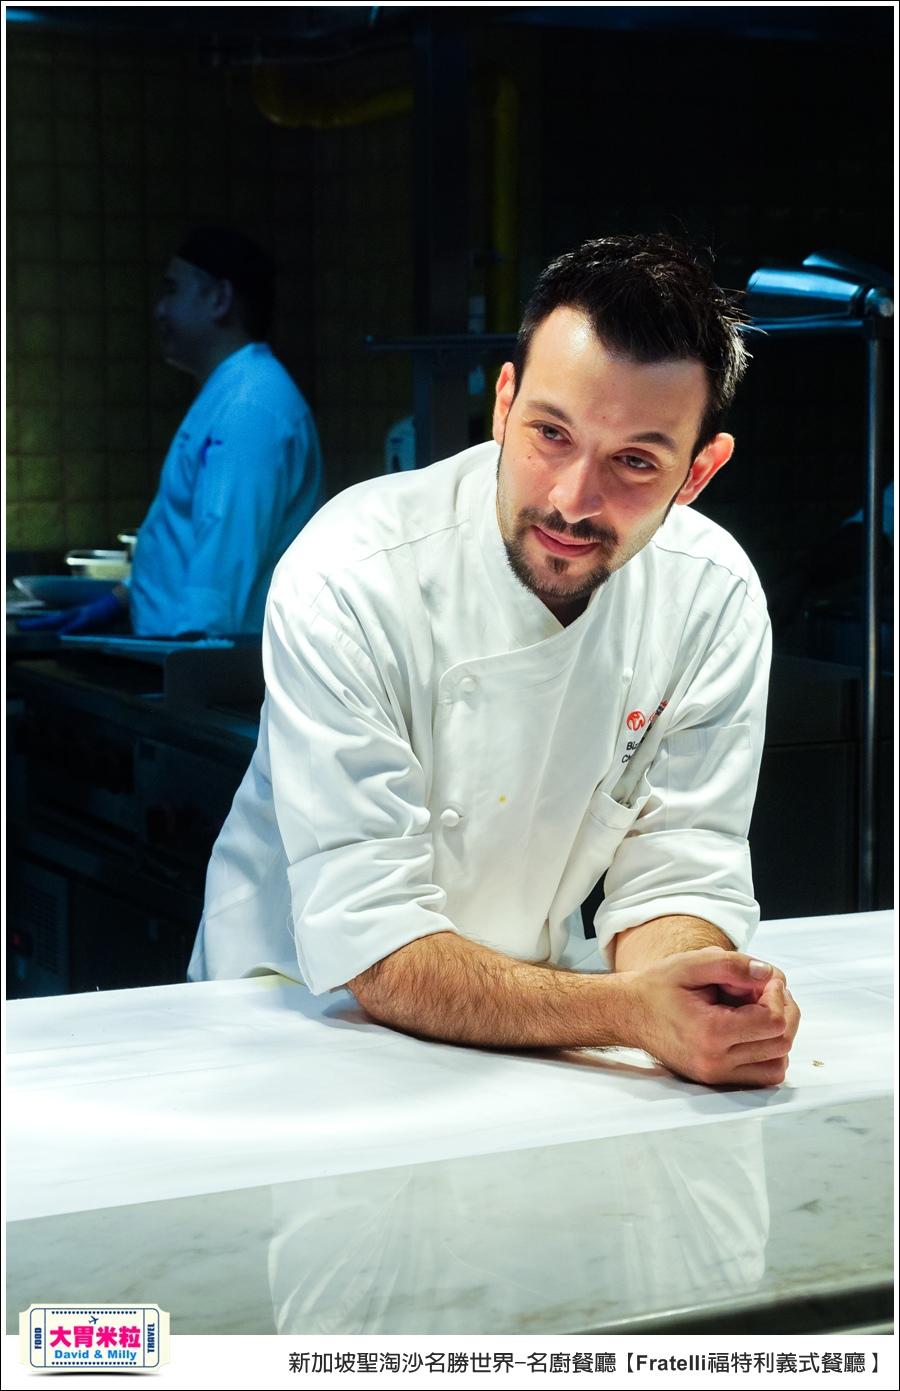 新加坡聖淘沙名勝世界-名廚餐廳@Fratelli福特利義式餐廳@大胃米粒0015.jpg